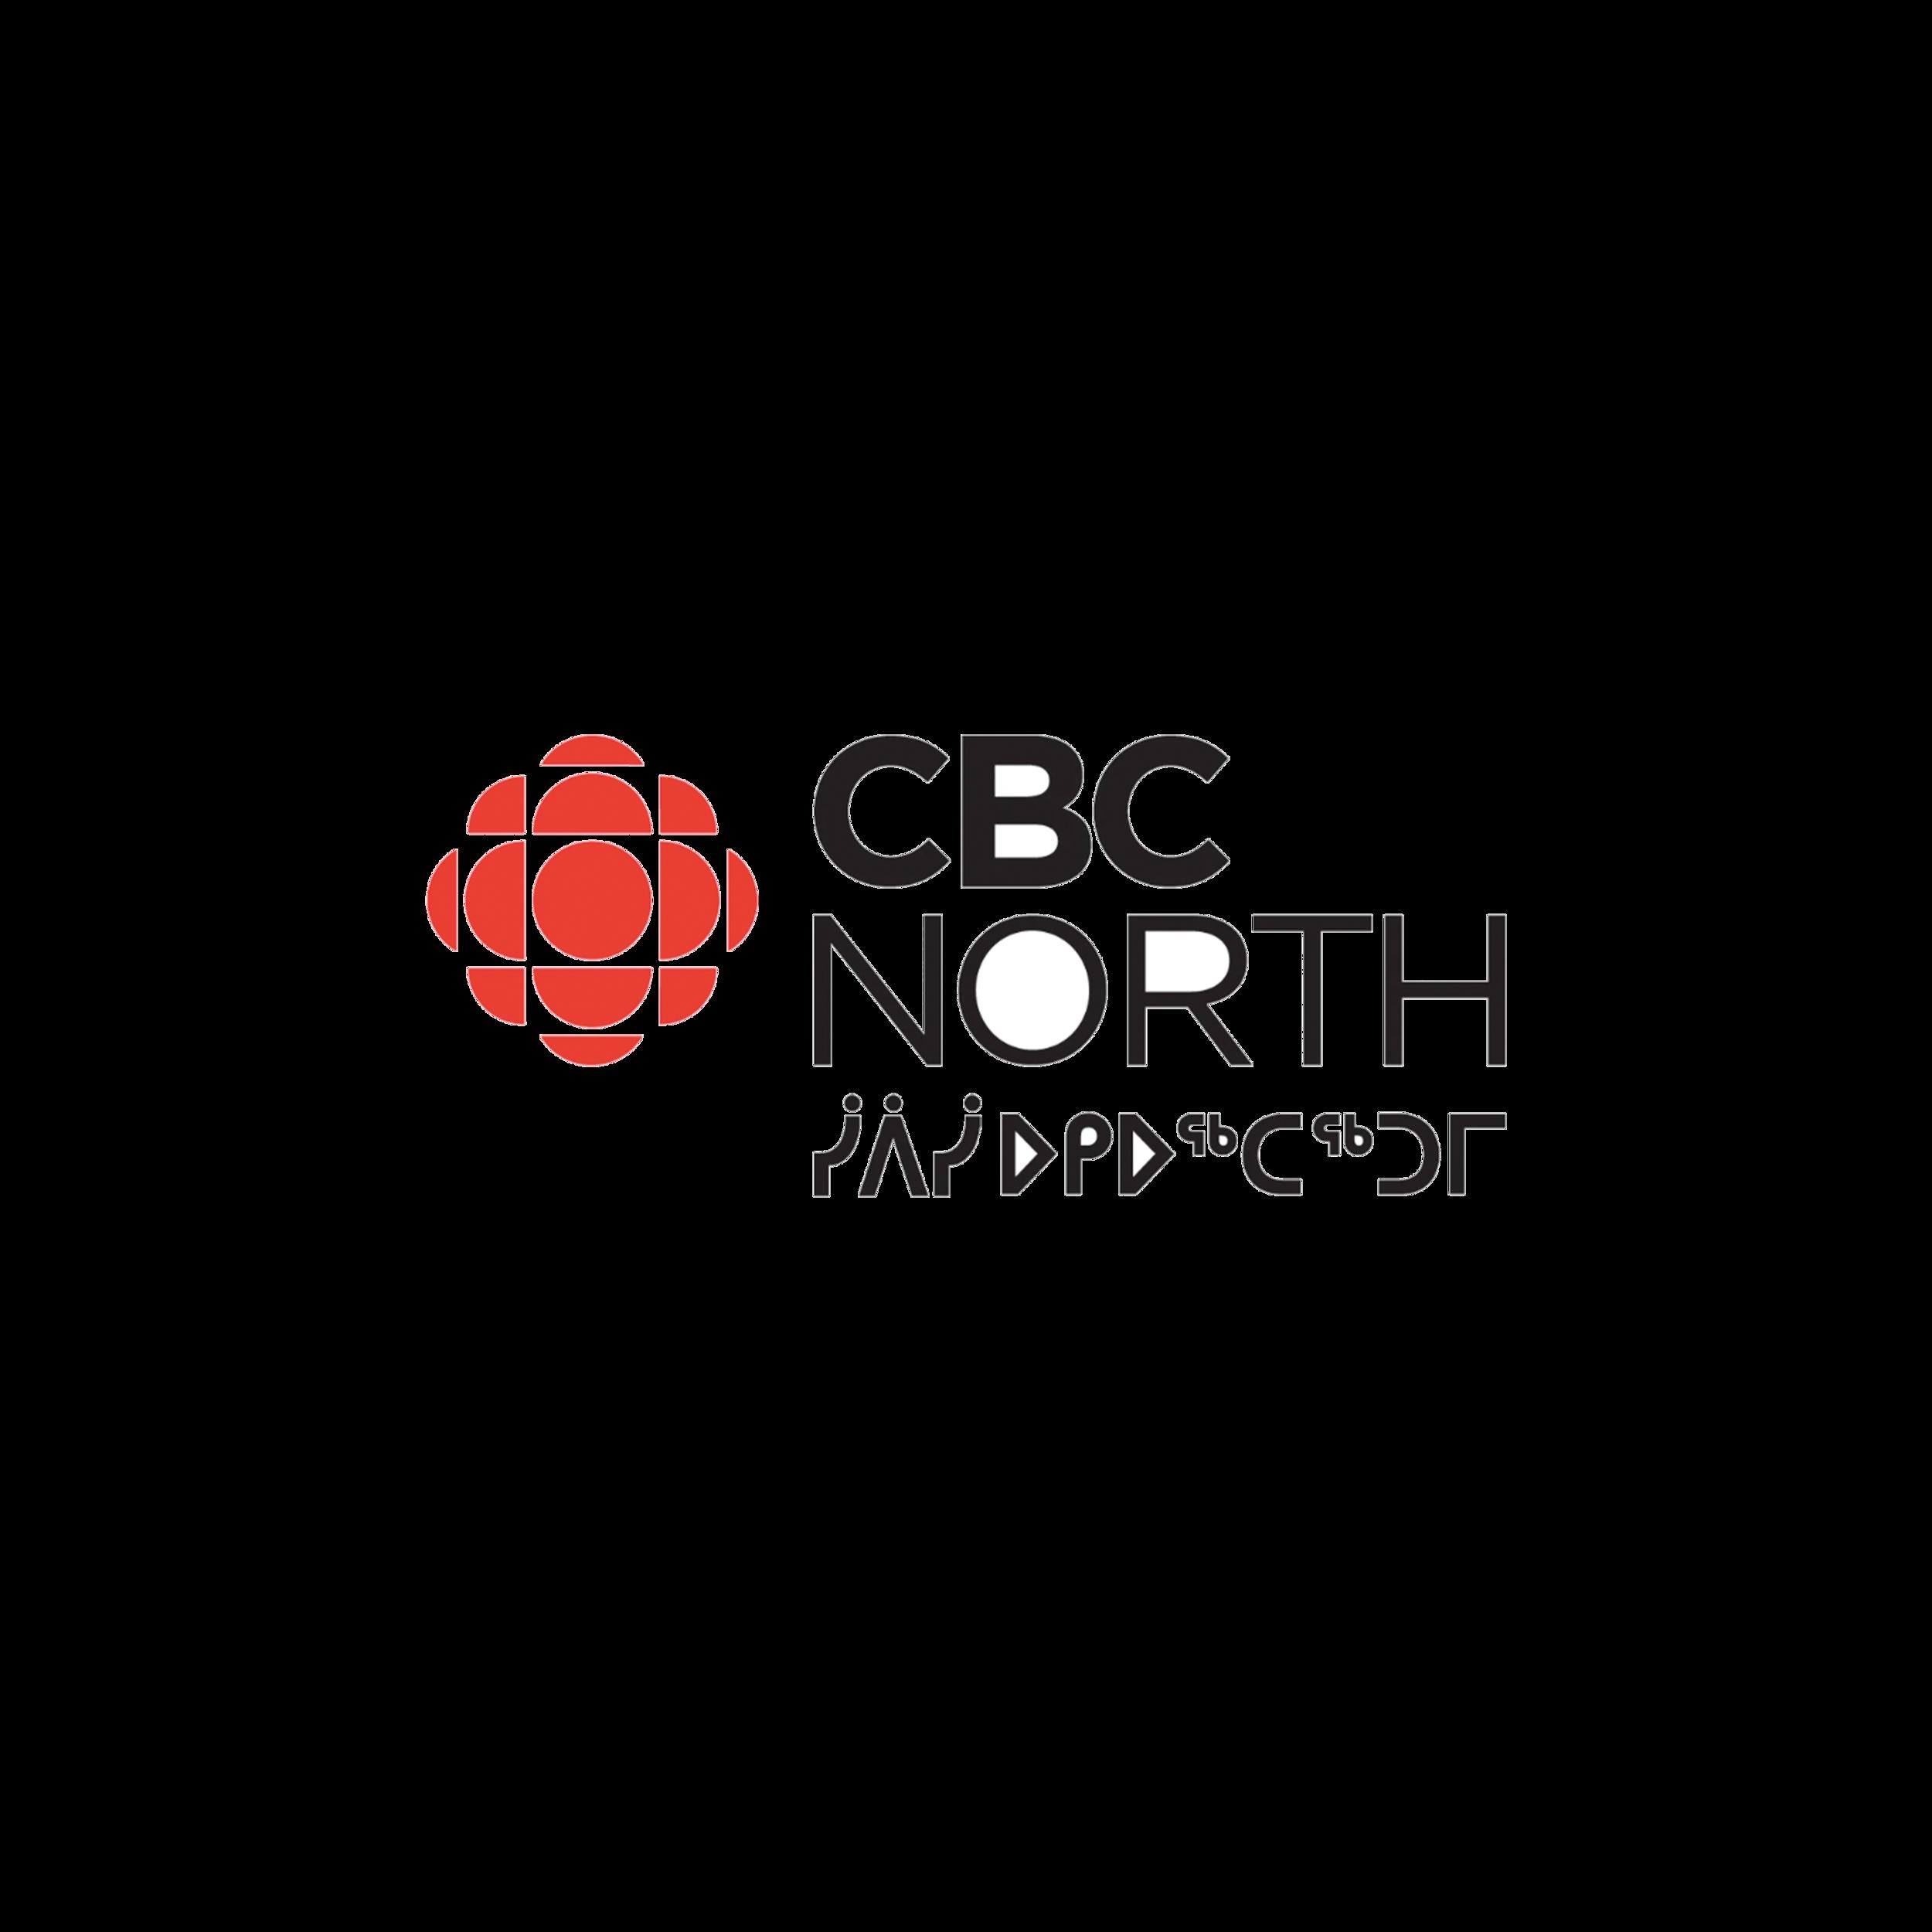 3CBCnorth.png